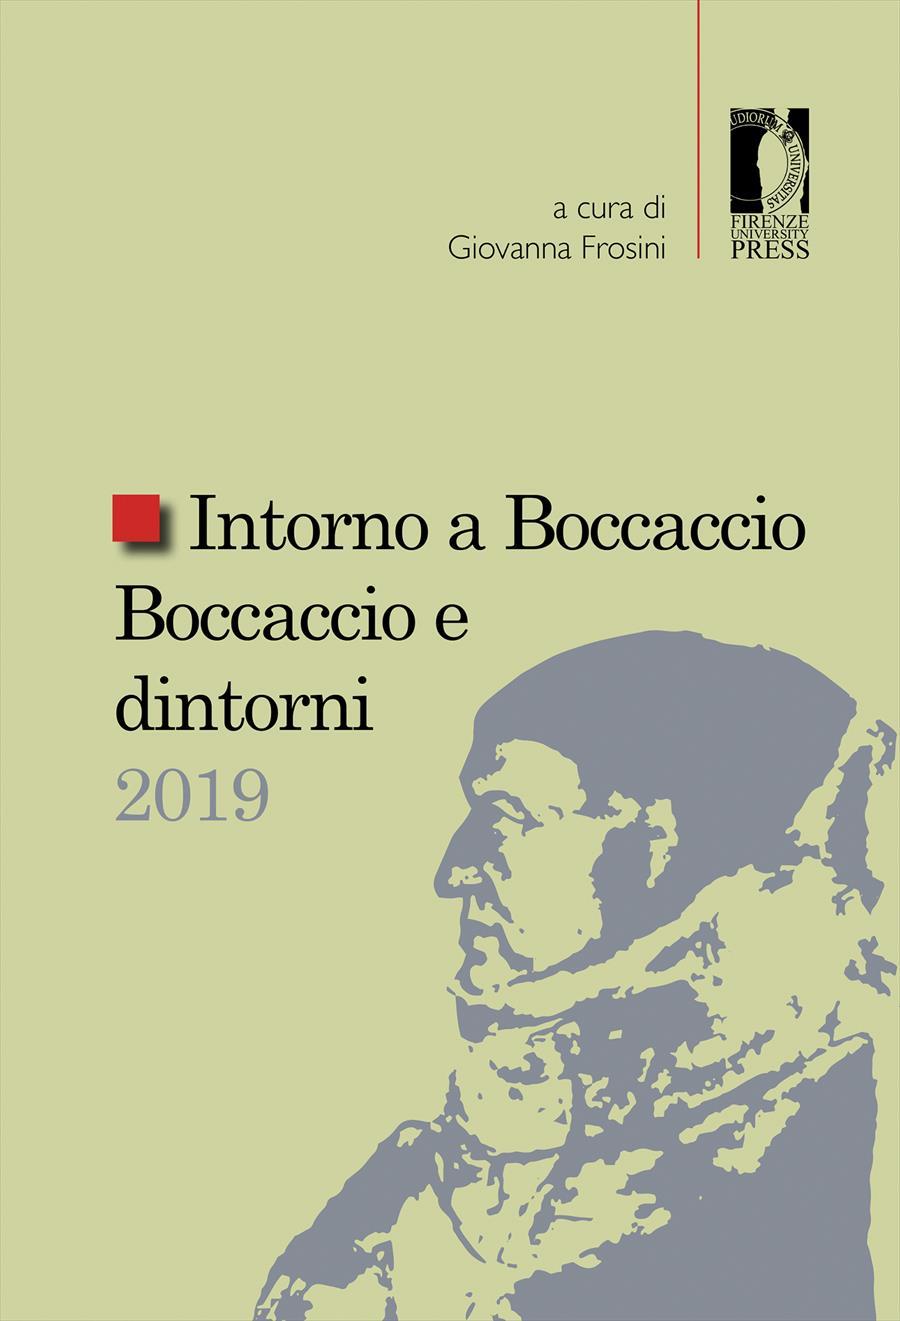 Intorno a Boccaccio / Boccaccio e dintorni 2019